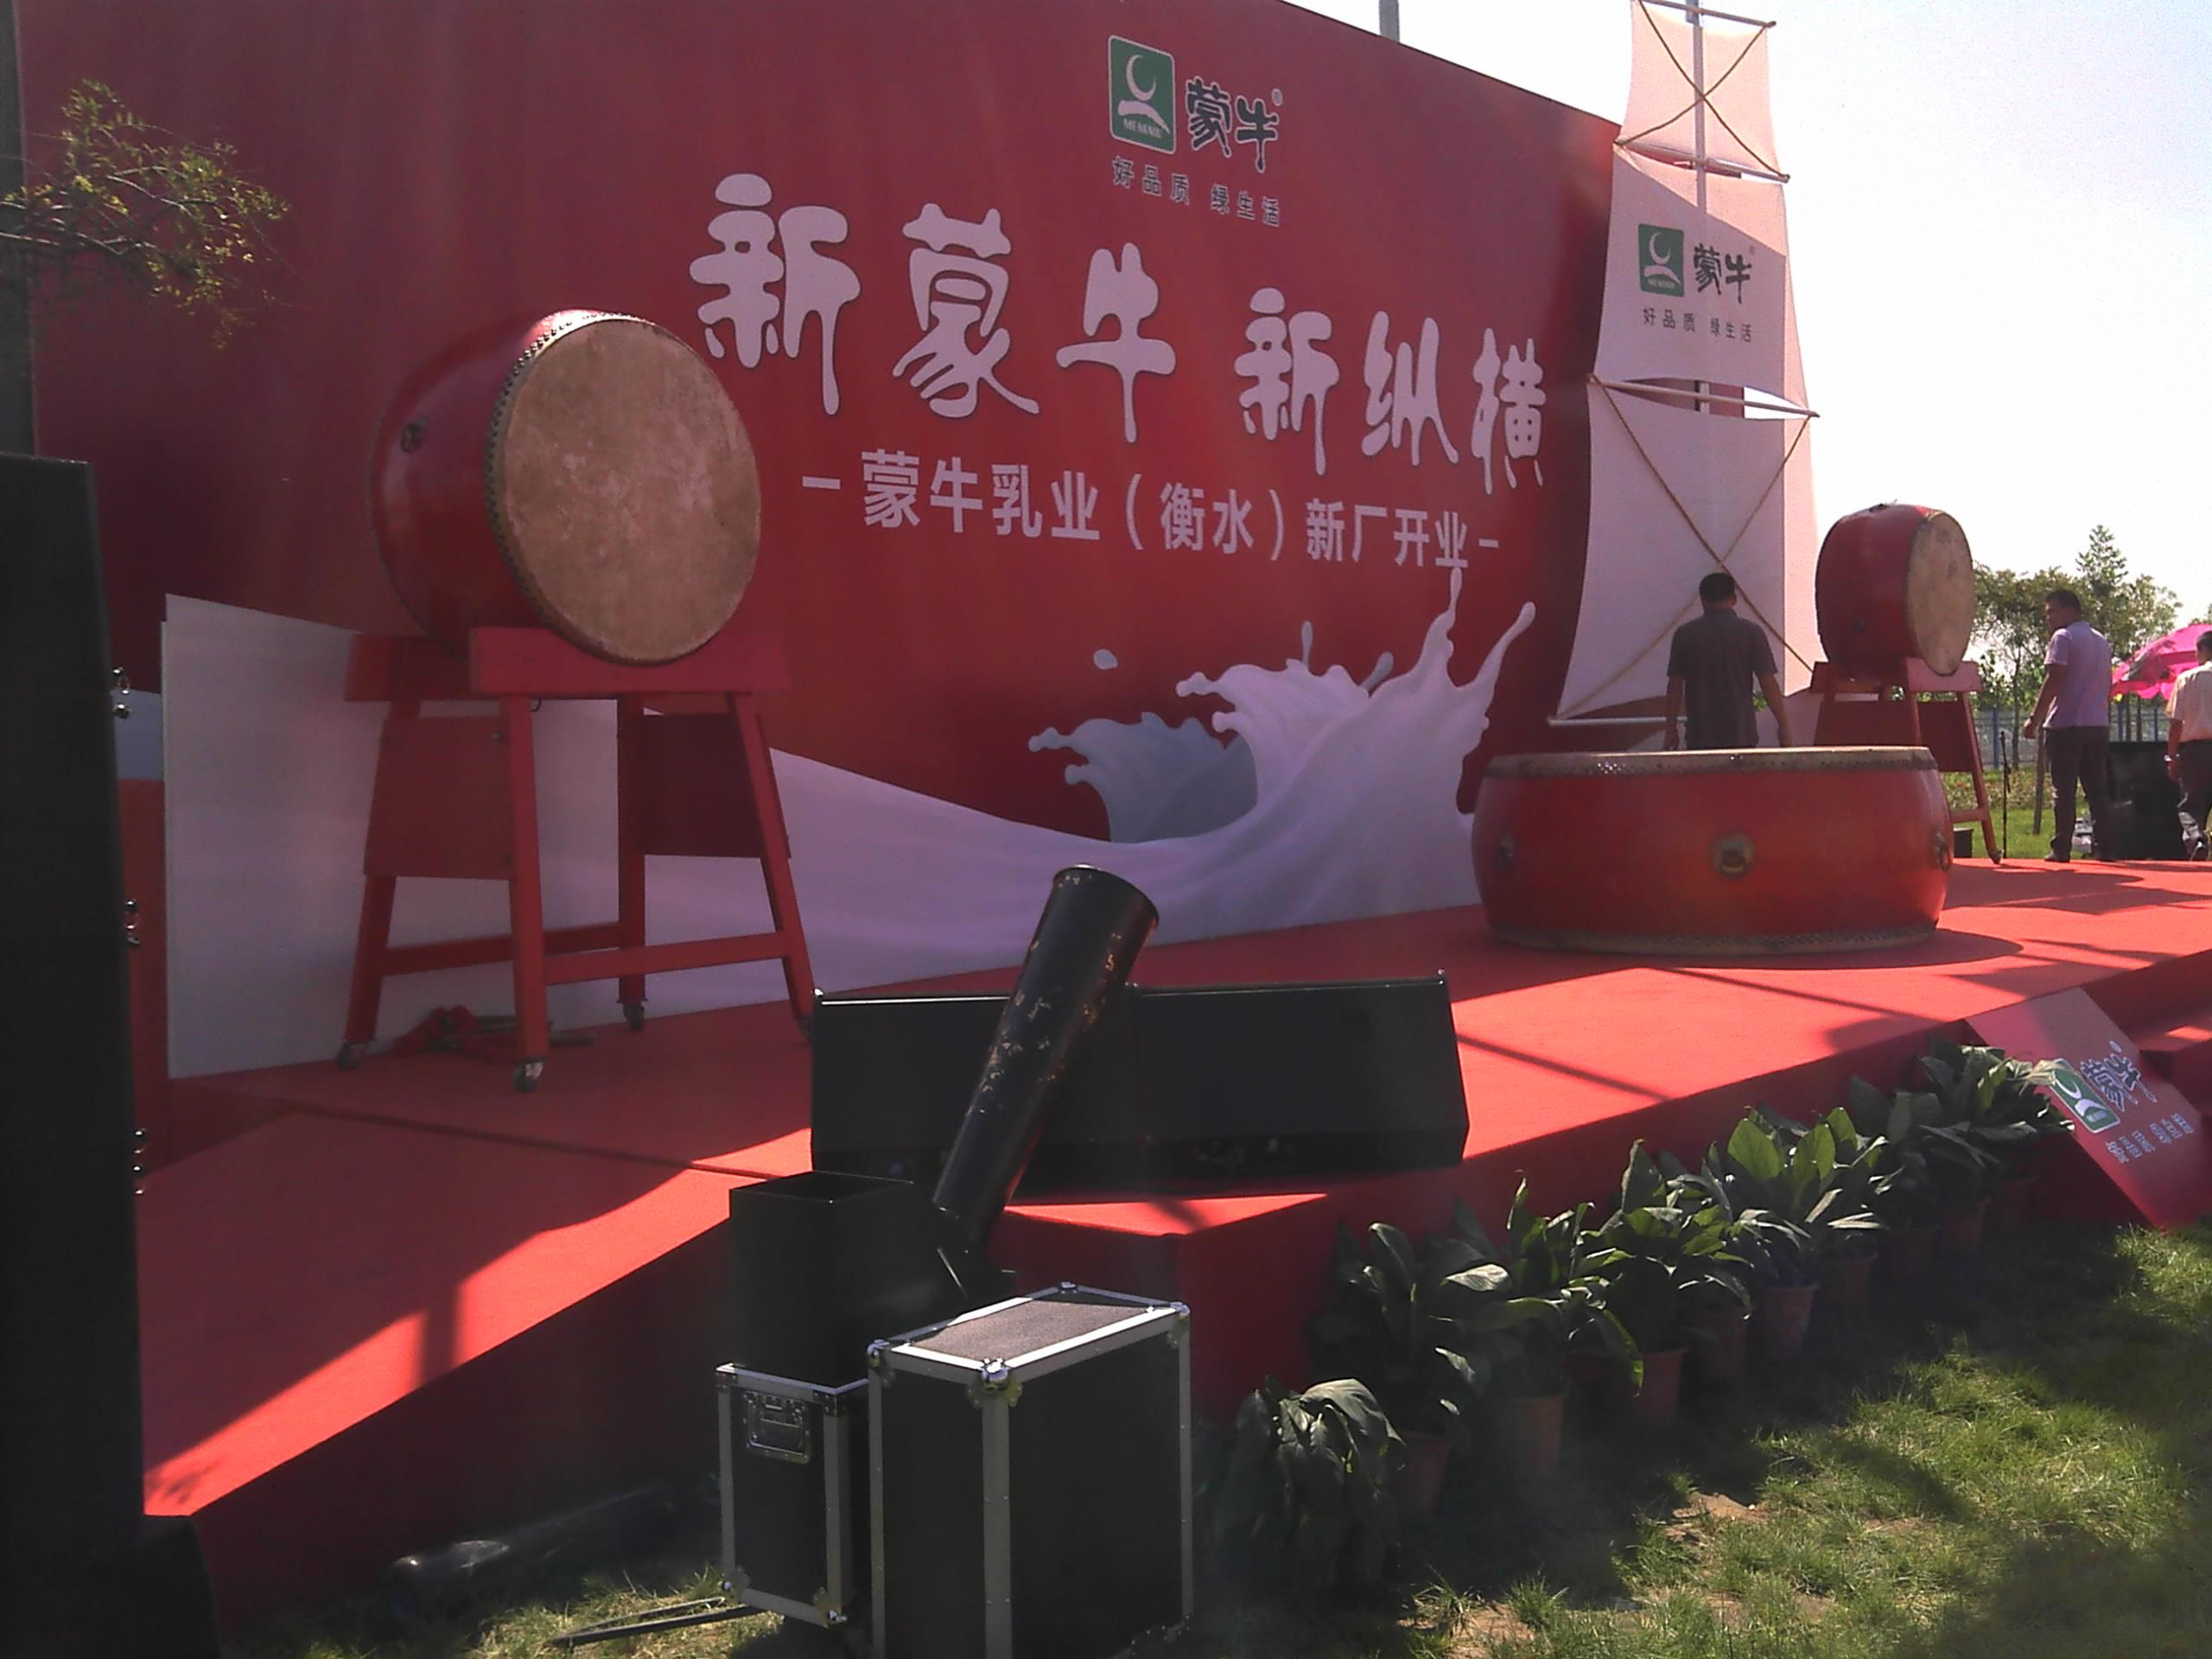 长沙开业庆典提供活动道具彩虹机彩带机彩炮机出租